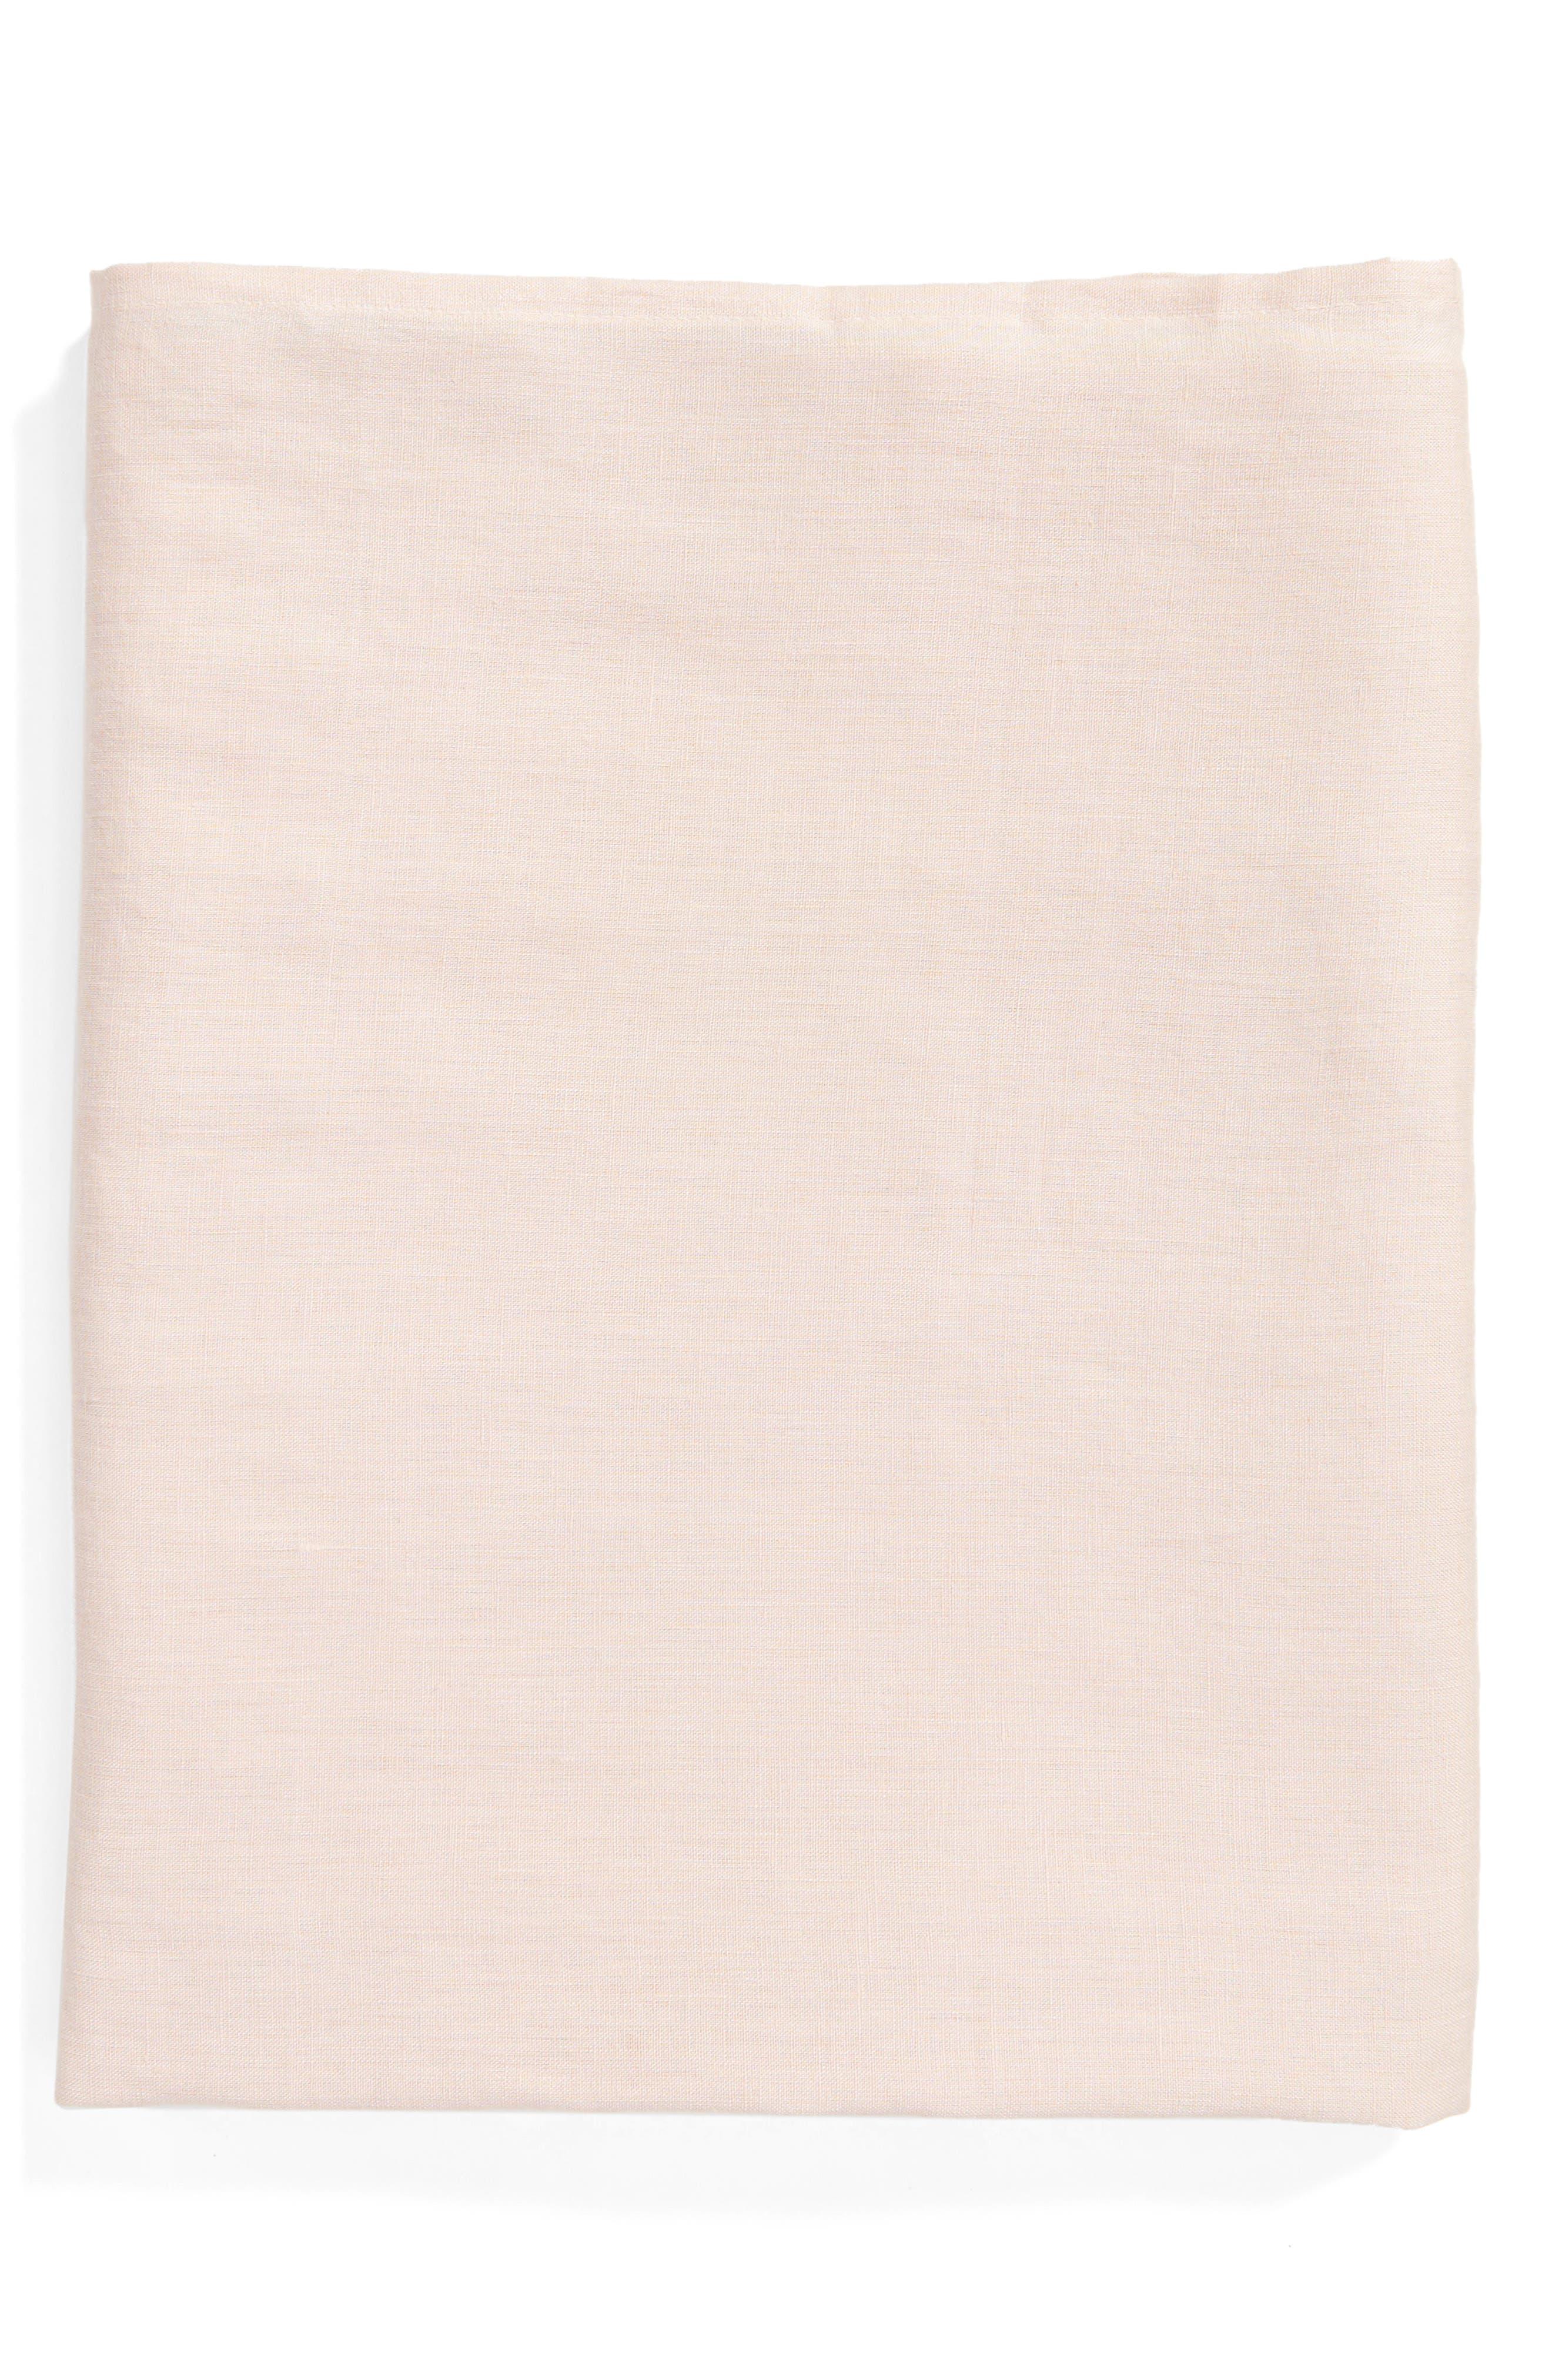 Levtex Linen Tablecloth